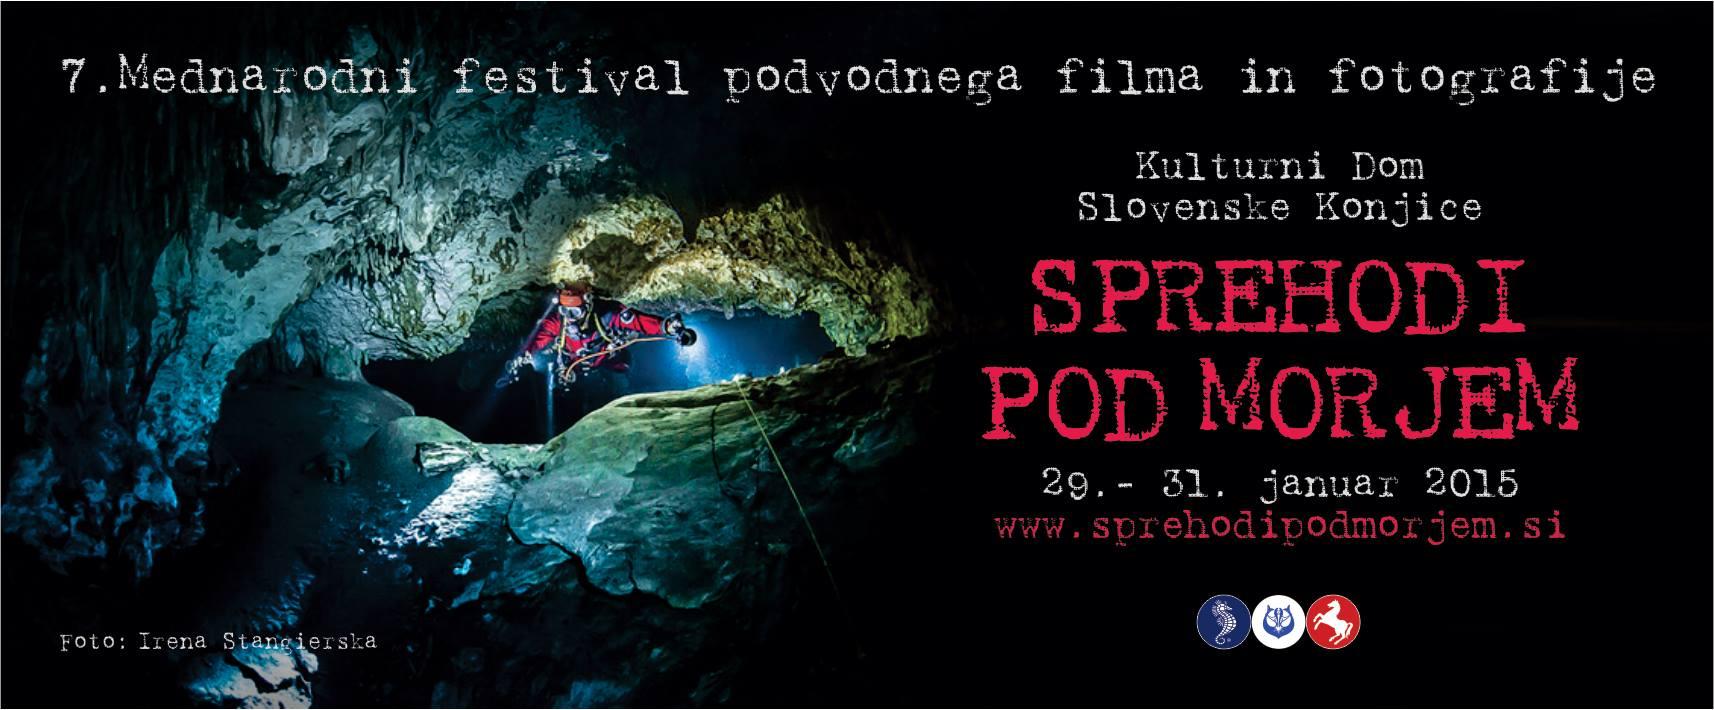 Mednarodni festival podvodnega filma in fotografije 01